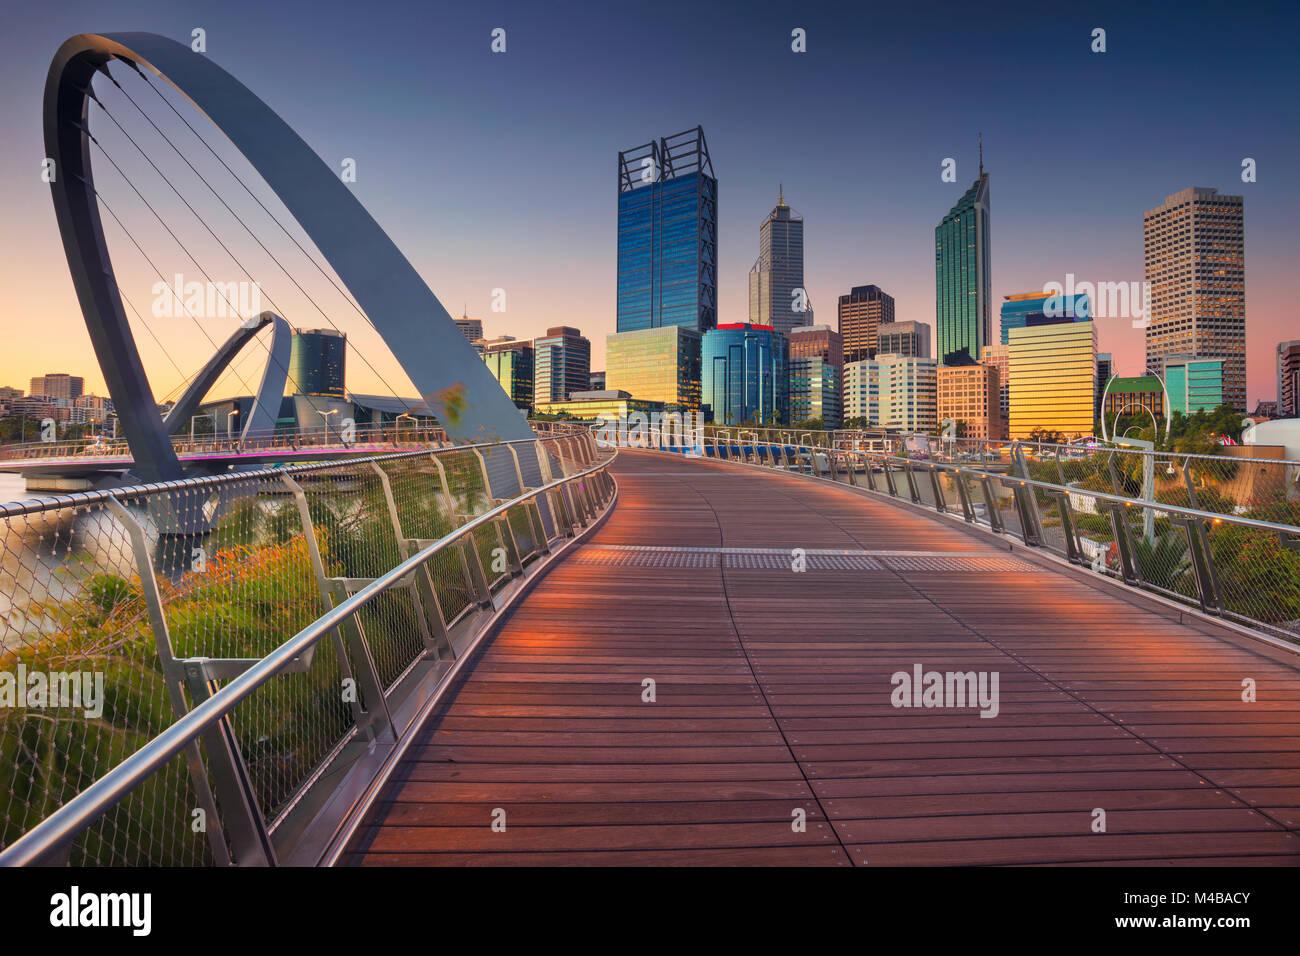 Perth. Immagine Cityscape di Perth skyline del centro, Australia durante il tramonto. Immagini Stock